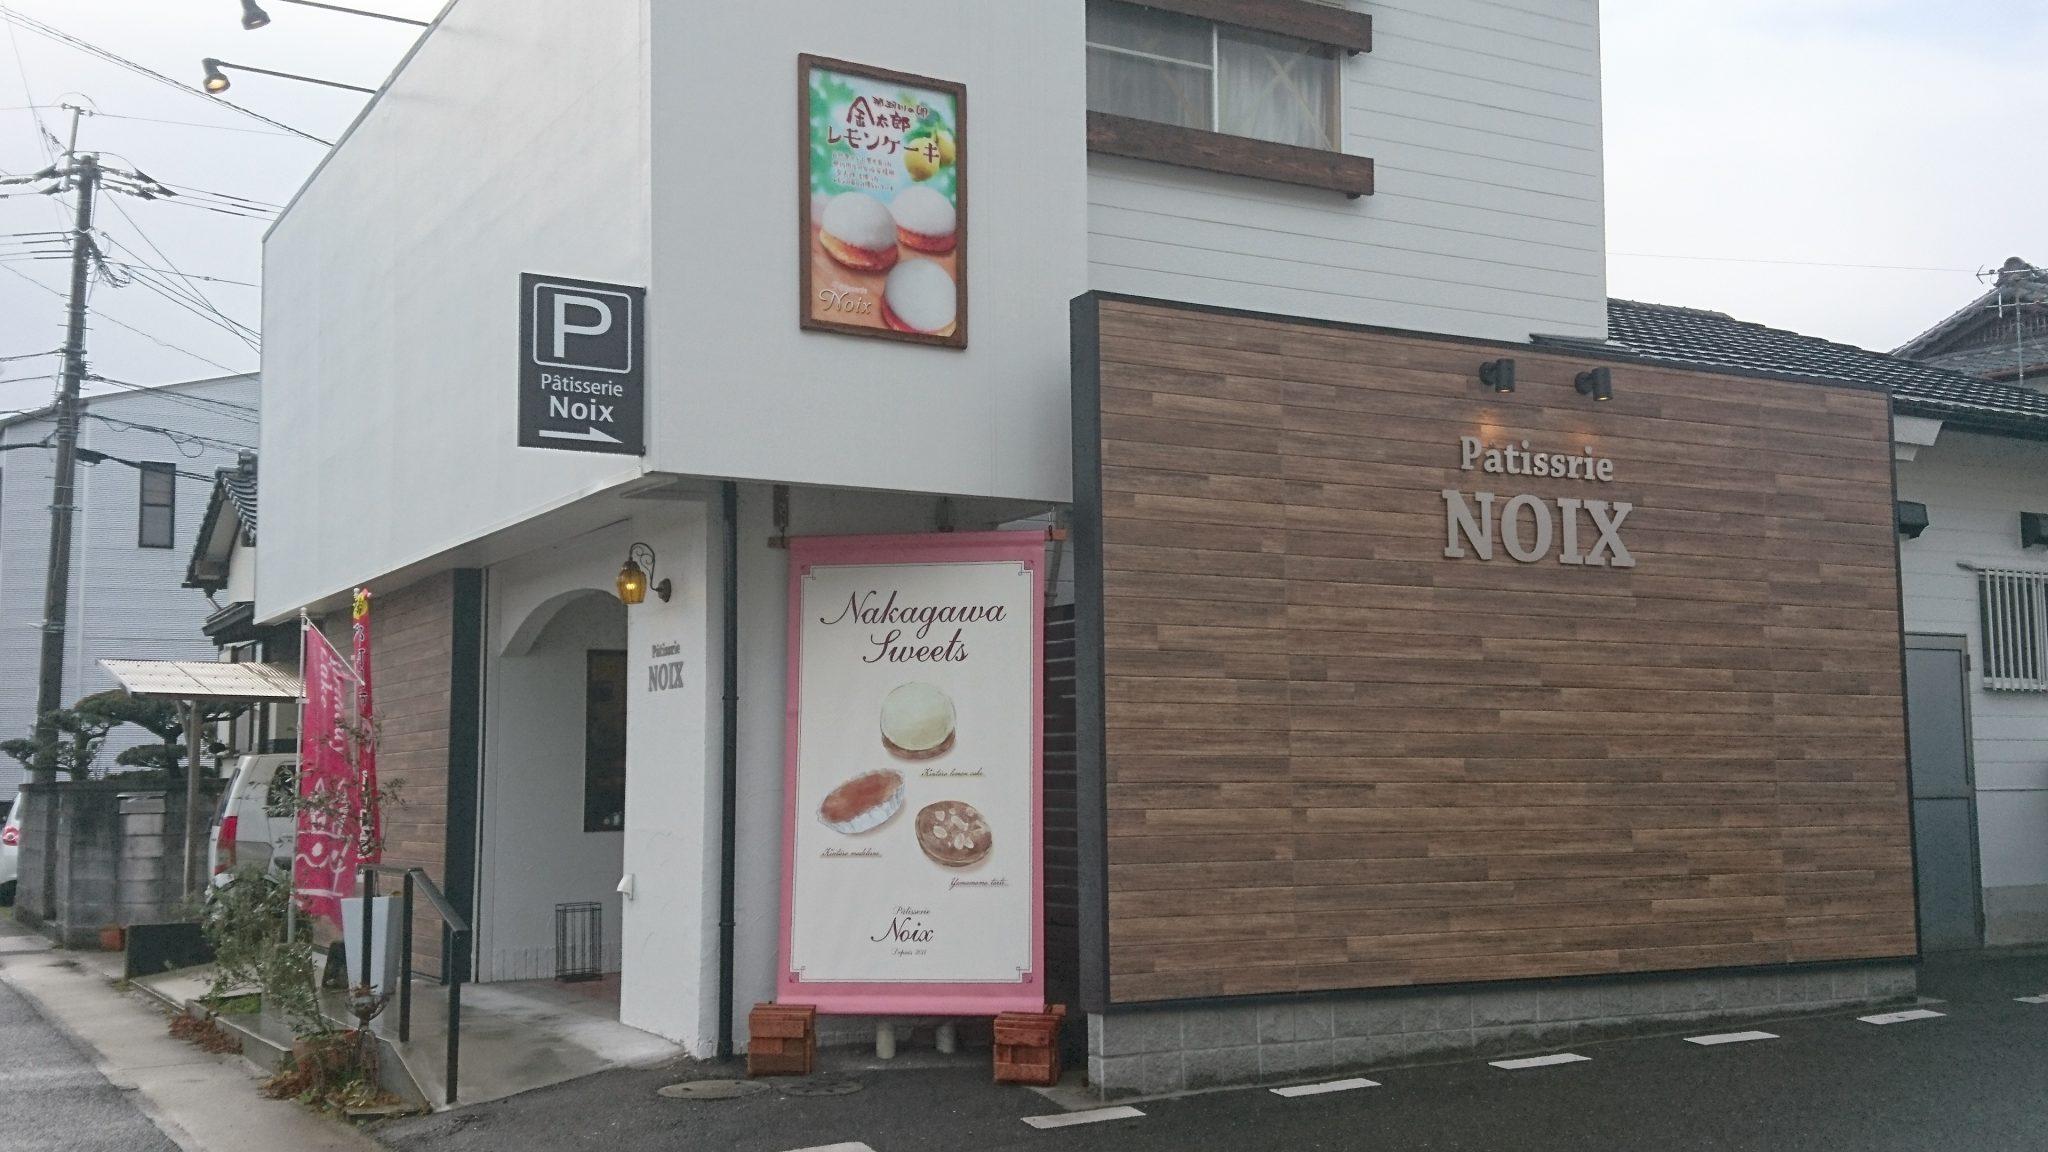 パティスリー ノア Patisserie Noix 那珂川市商工会 ももちゃんネット